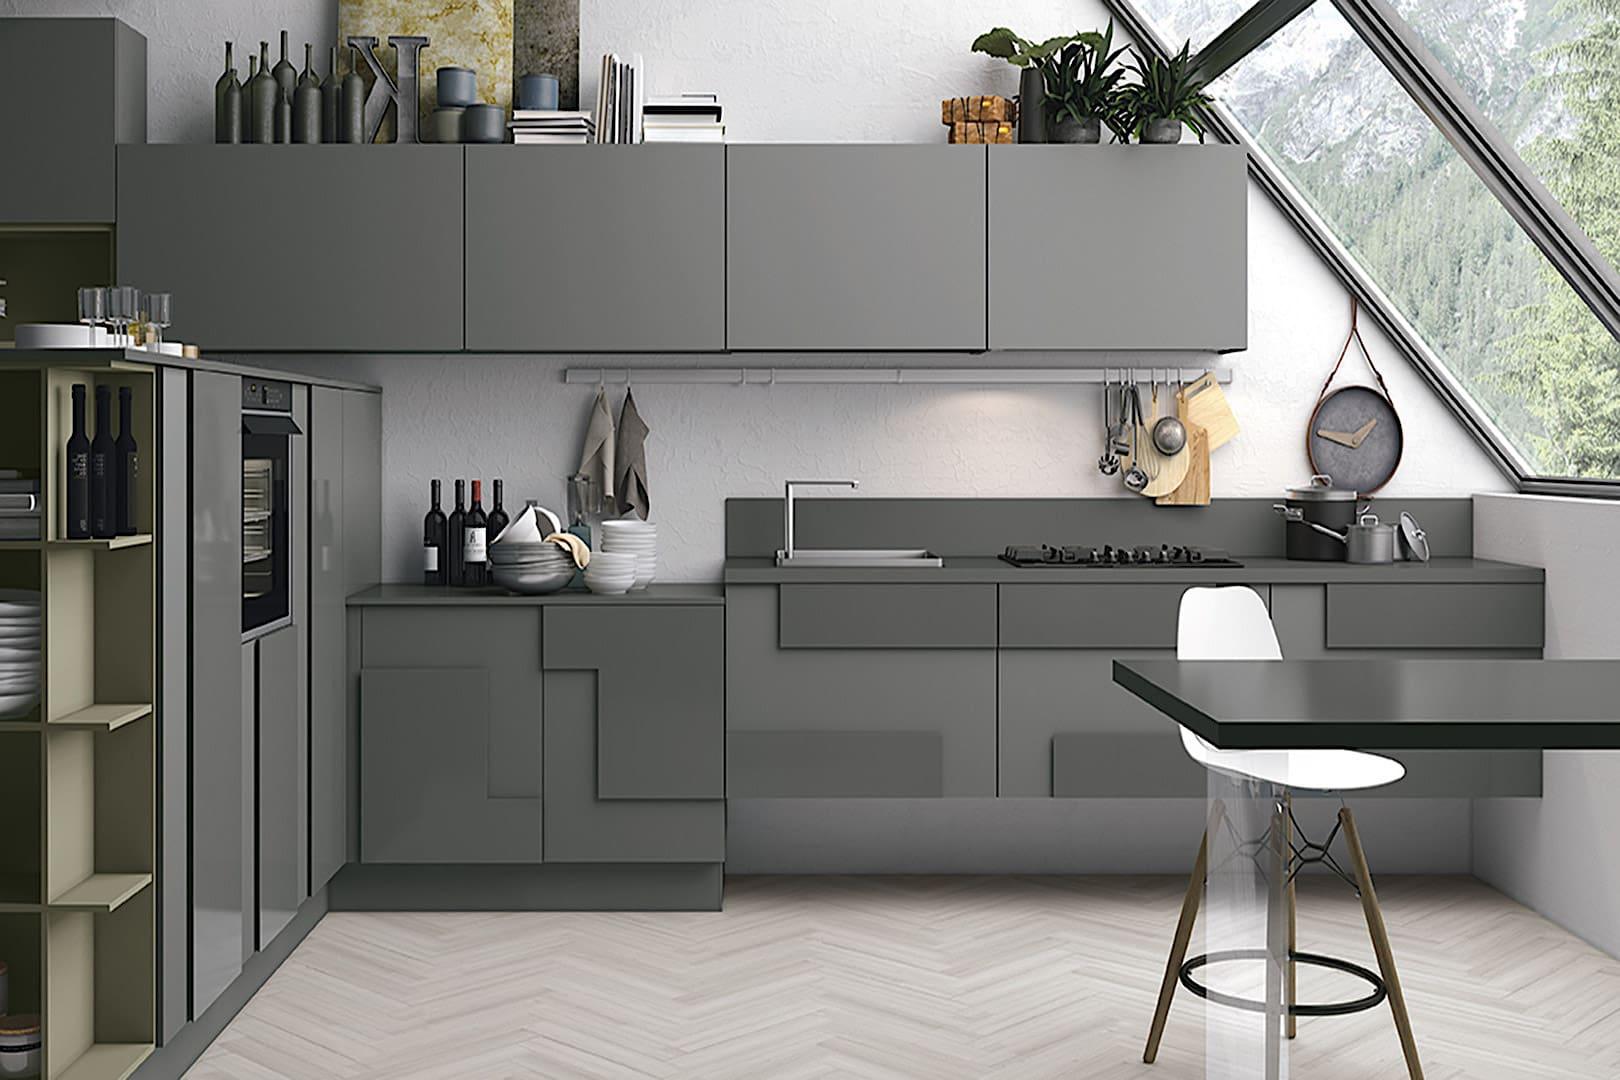 Современная концепция минимализма предлагает огромное количество стильных вариантов отделки фасадов для кухонной мебели